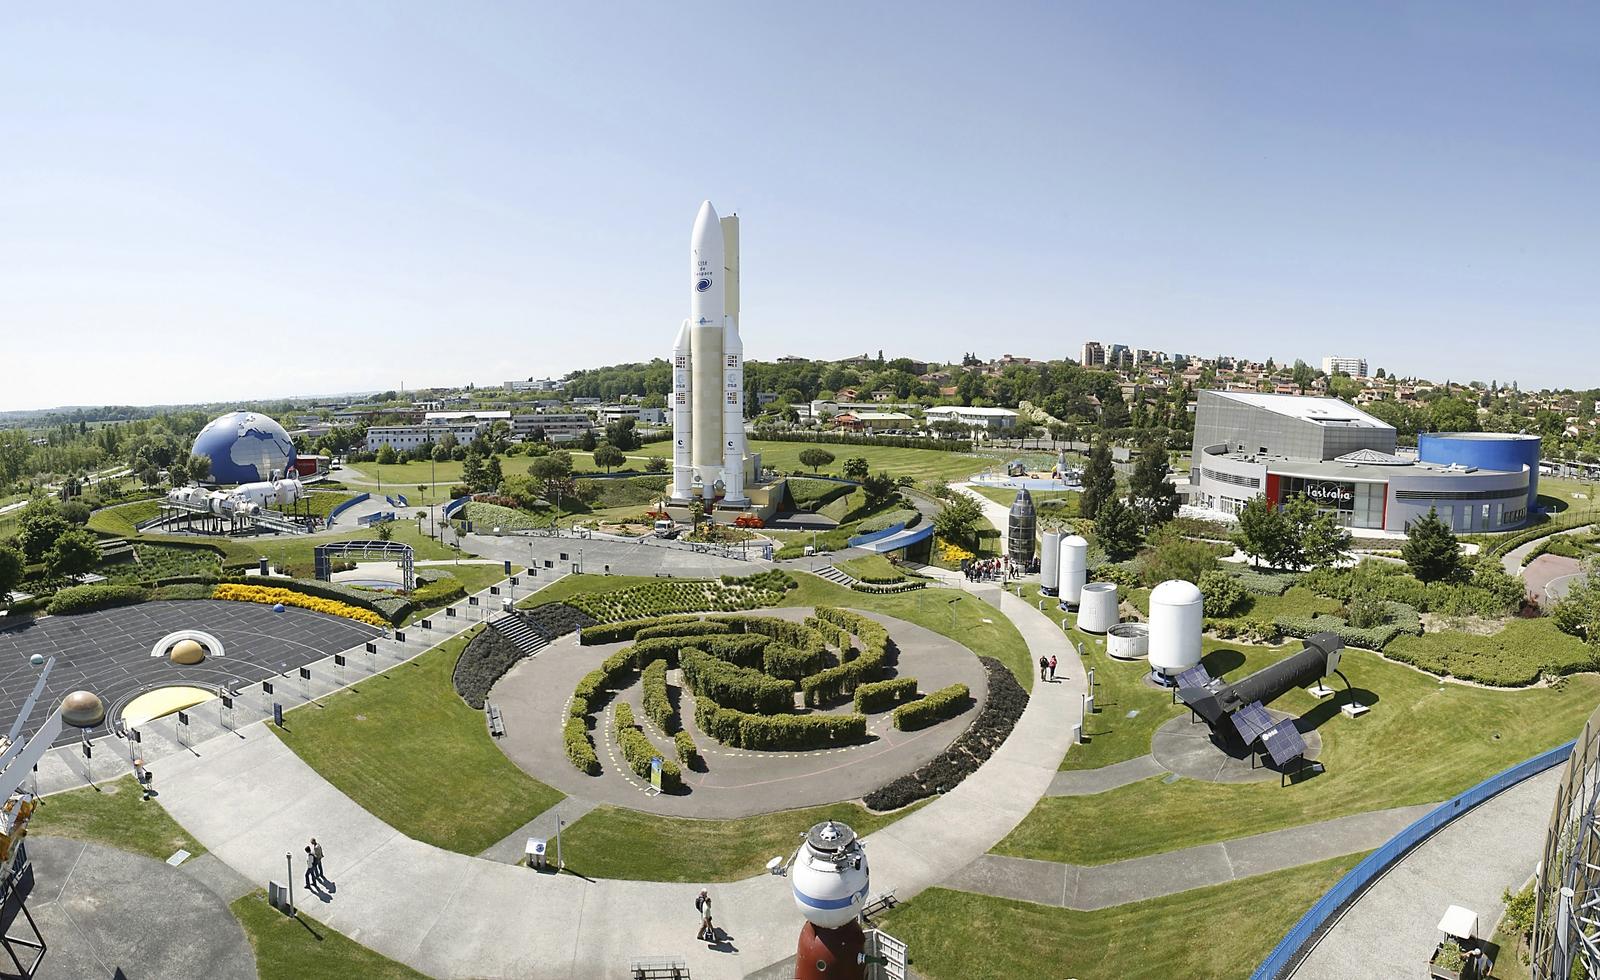 The Cité de l'Espace (Source: Tourisme Toulouse)